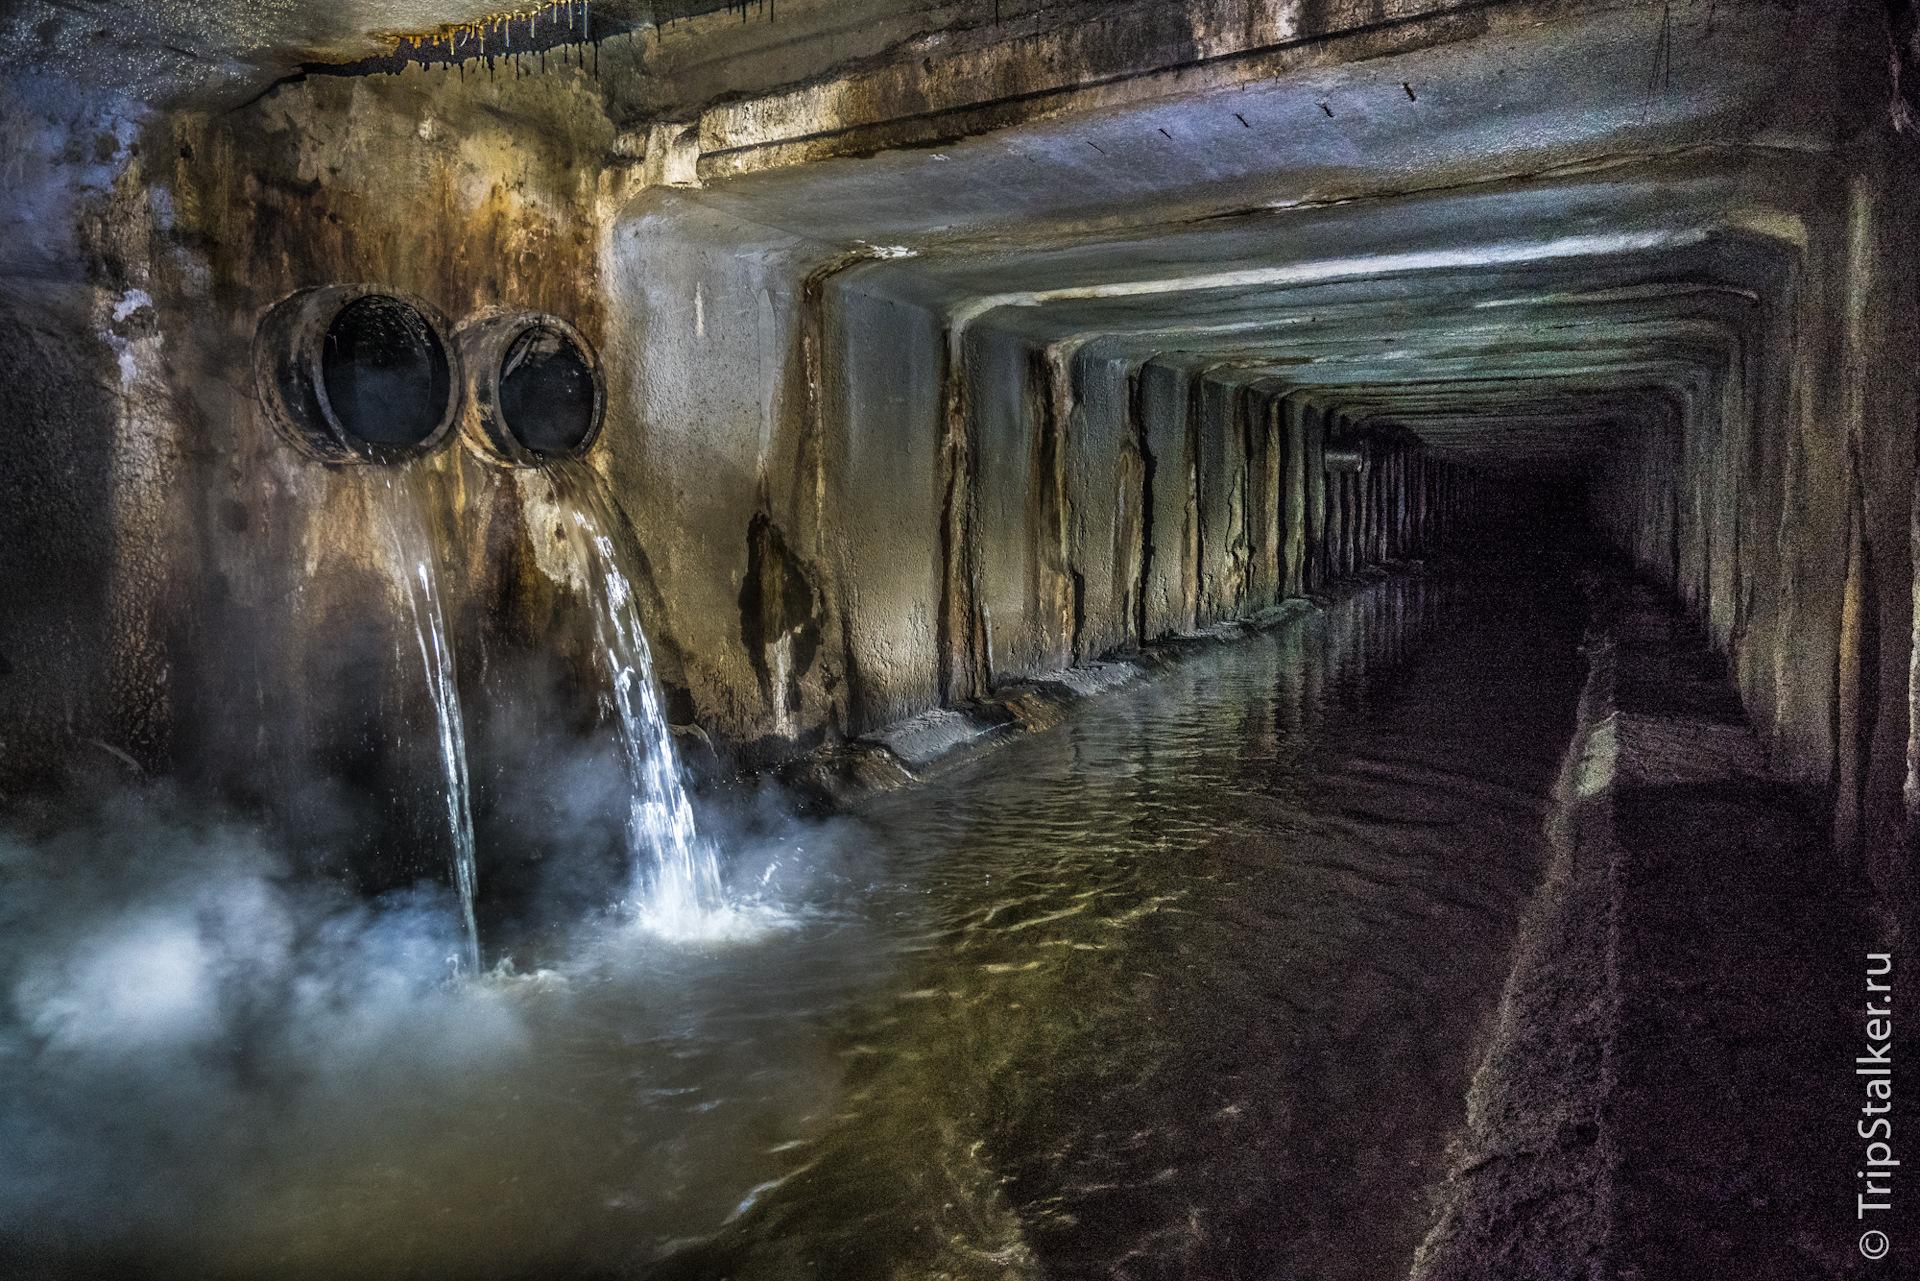 опухла десна москва под землей тайный город фото очень